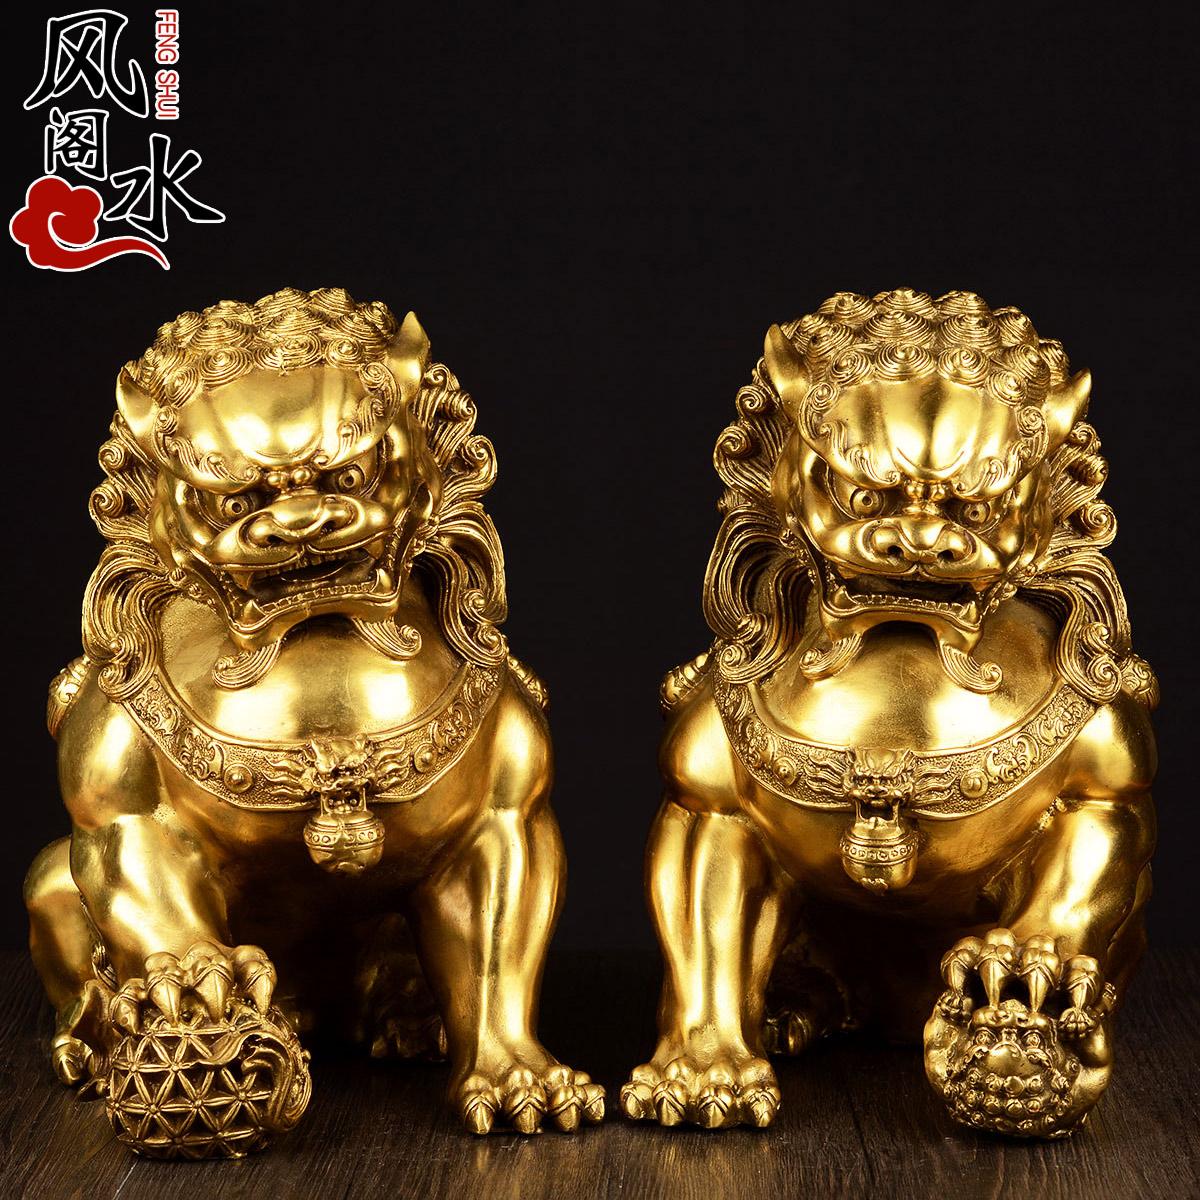 风水阁 纯铜狮子摆件北京狮铜狮子摆件狮家居风水装饰工艺品摆件